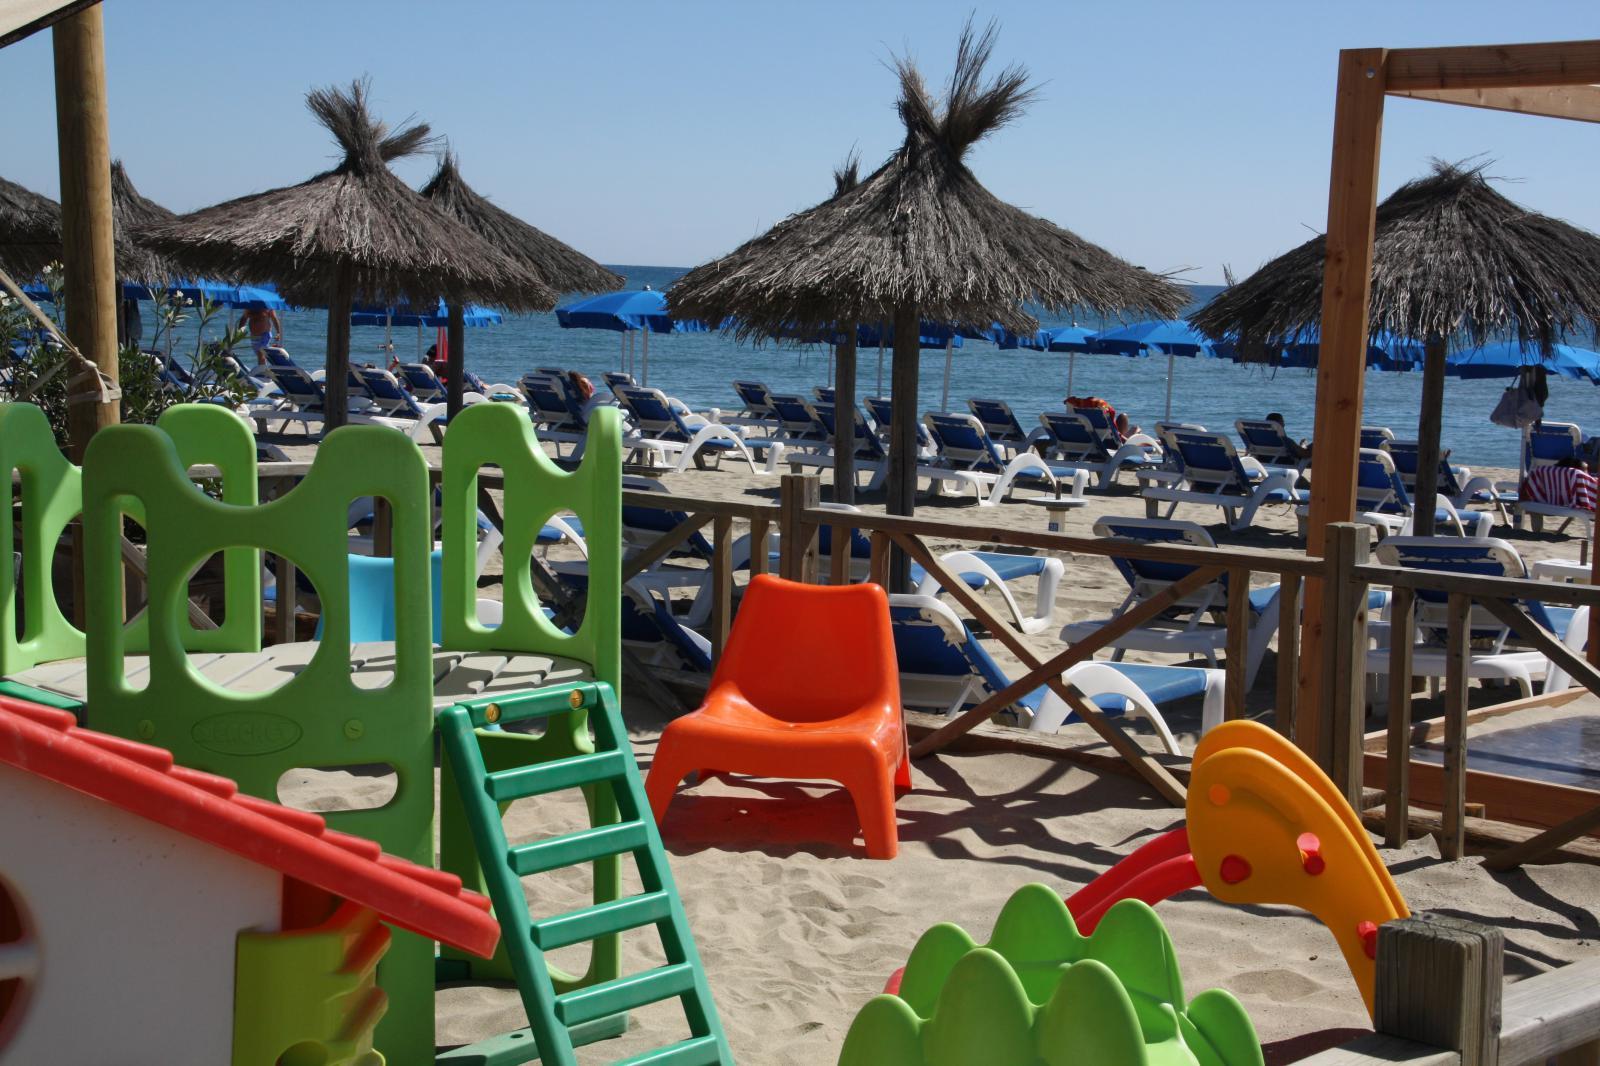 Club estelle de mar plage priv e canet en roussillon - Office du tourisme de canet en roussillon 66140 ...